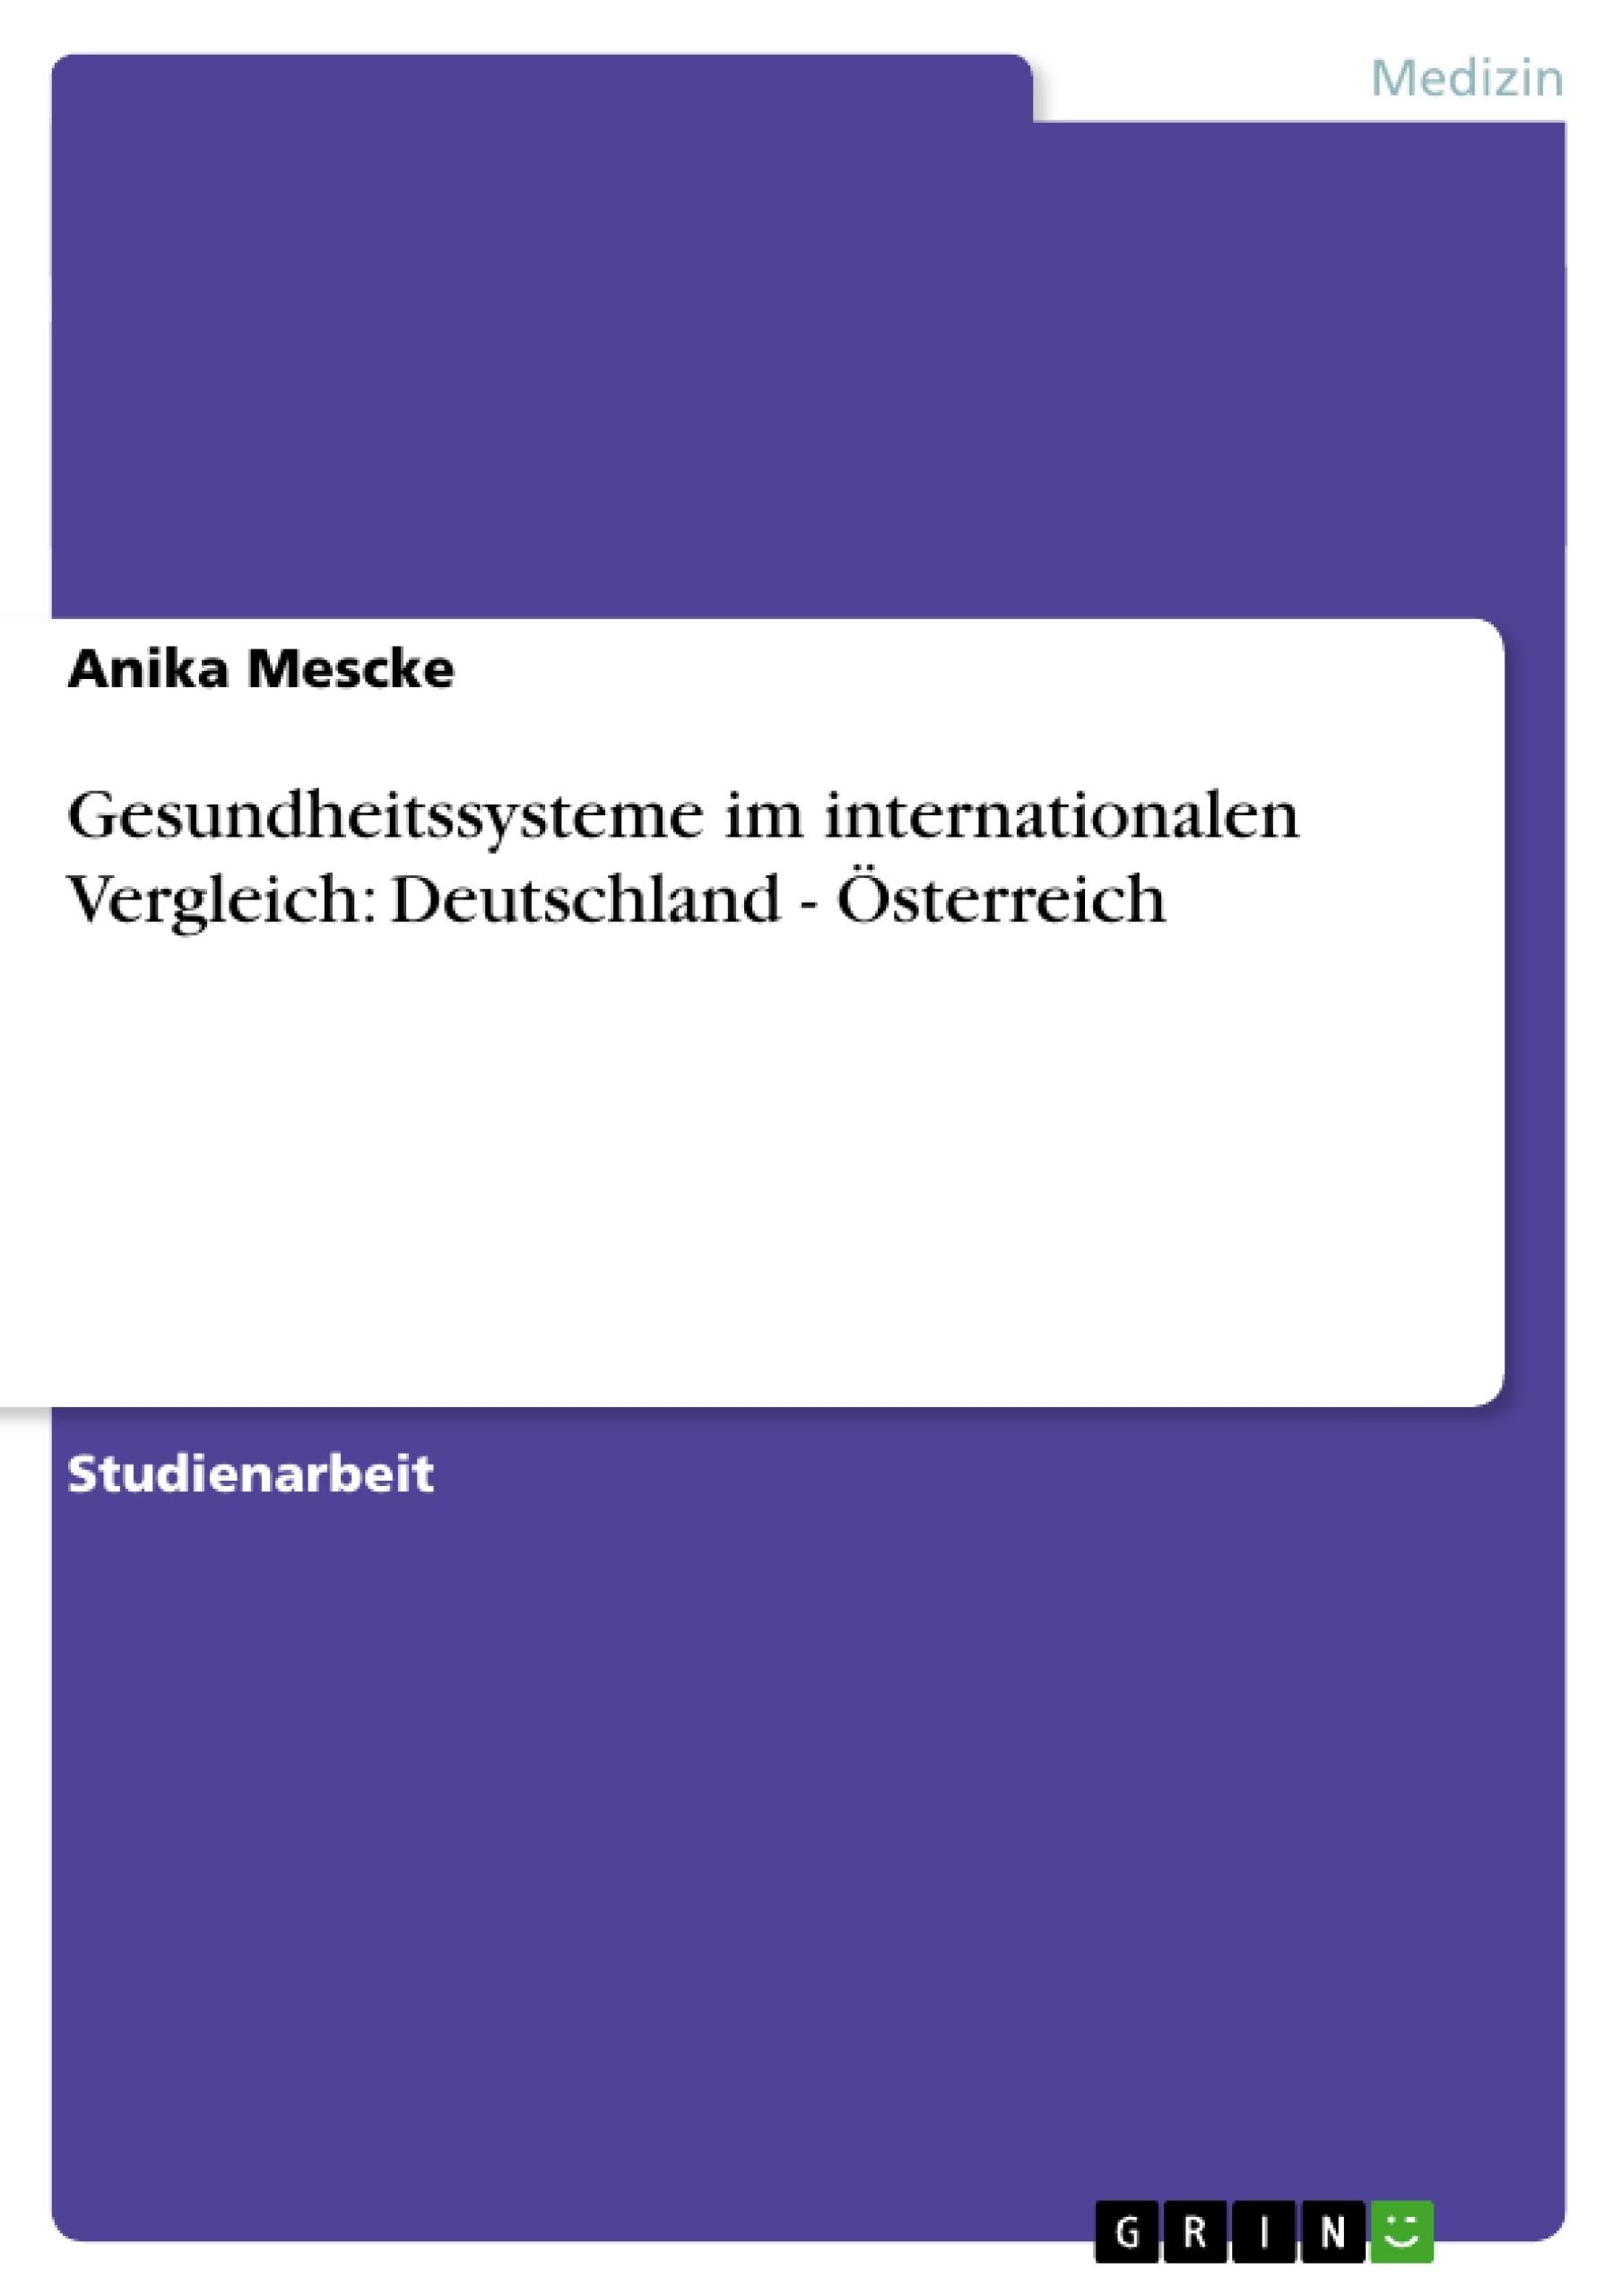 Titel: Gesundheitssysteme im internationalen Vergleich: Deutschland - Österreich